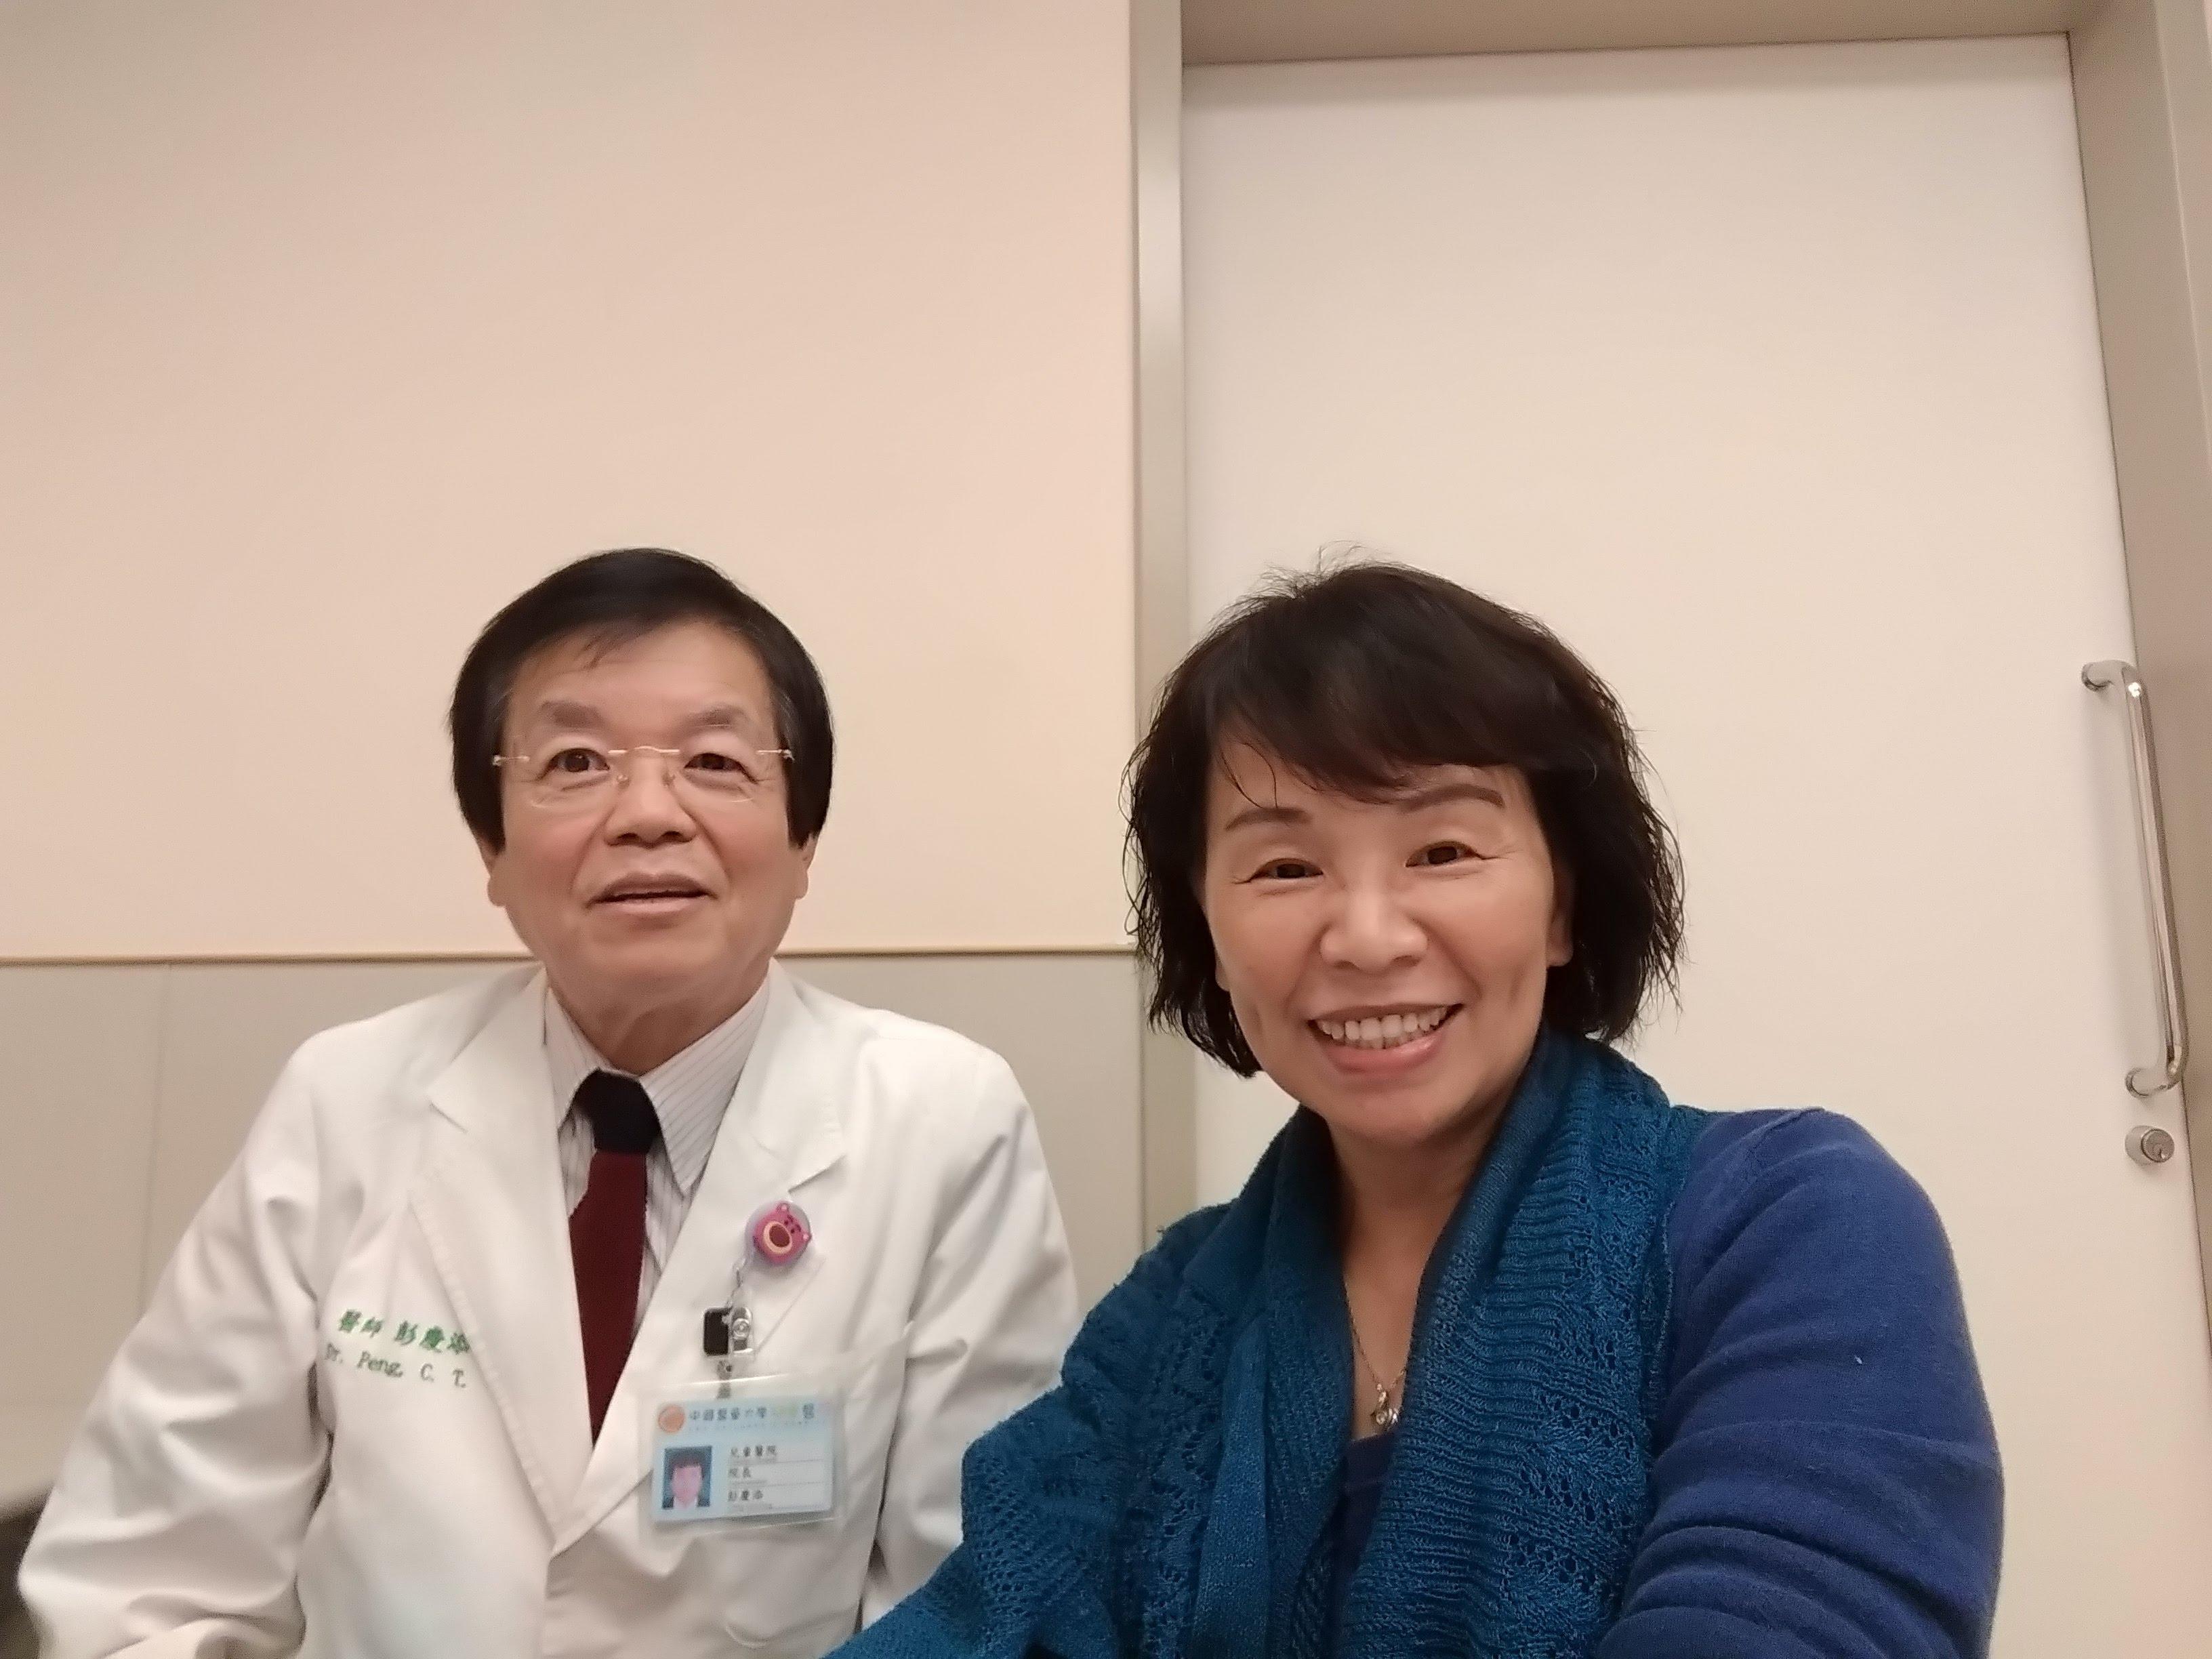 臺灣疫情嚴峻,訪問中醫大彭慶添醫師一起認識新冠病毒